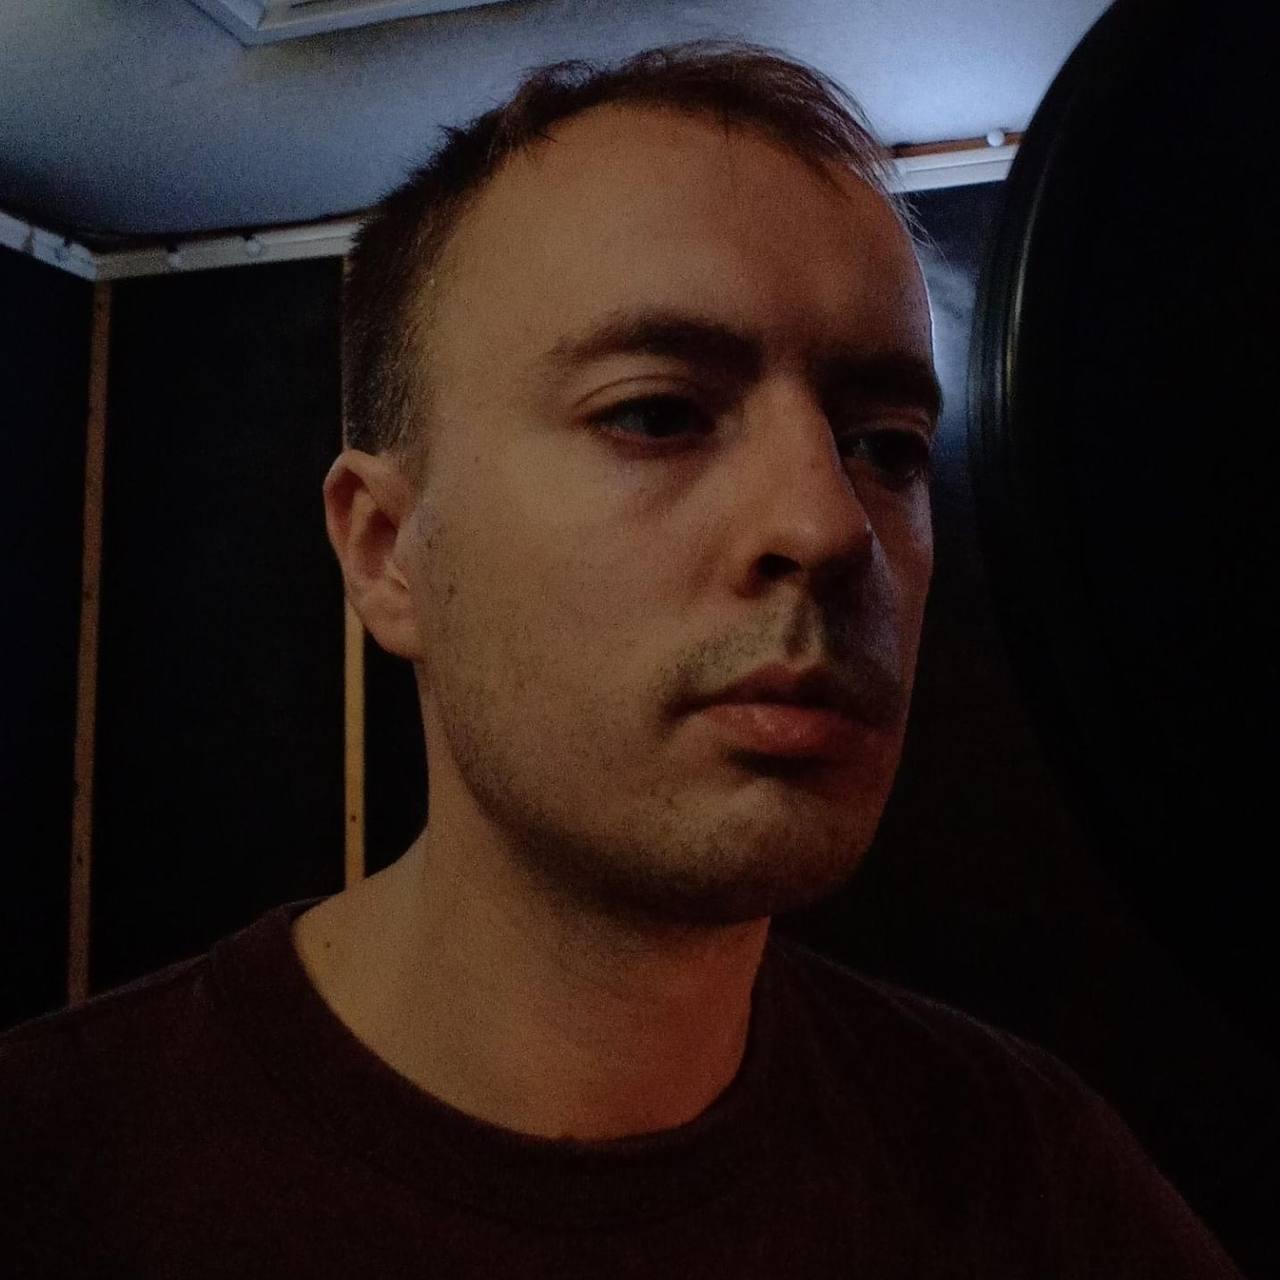 Никита Смирнов. Фото из личного архива